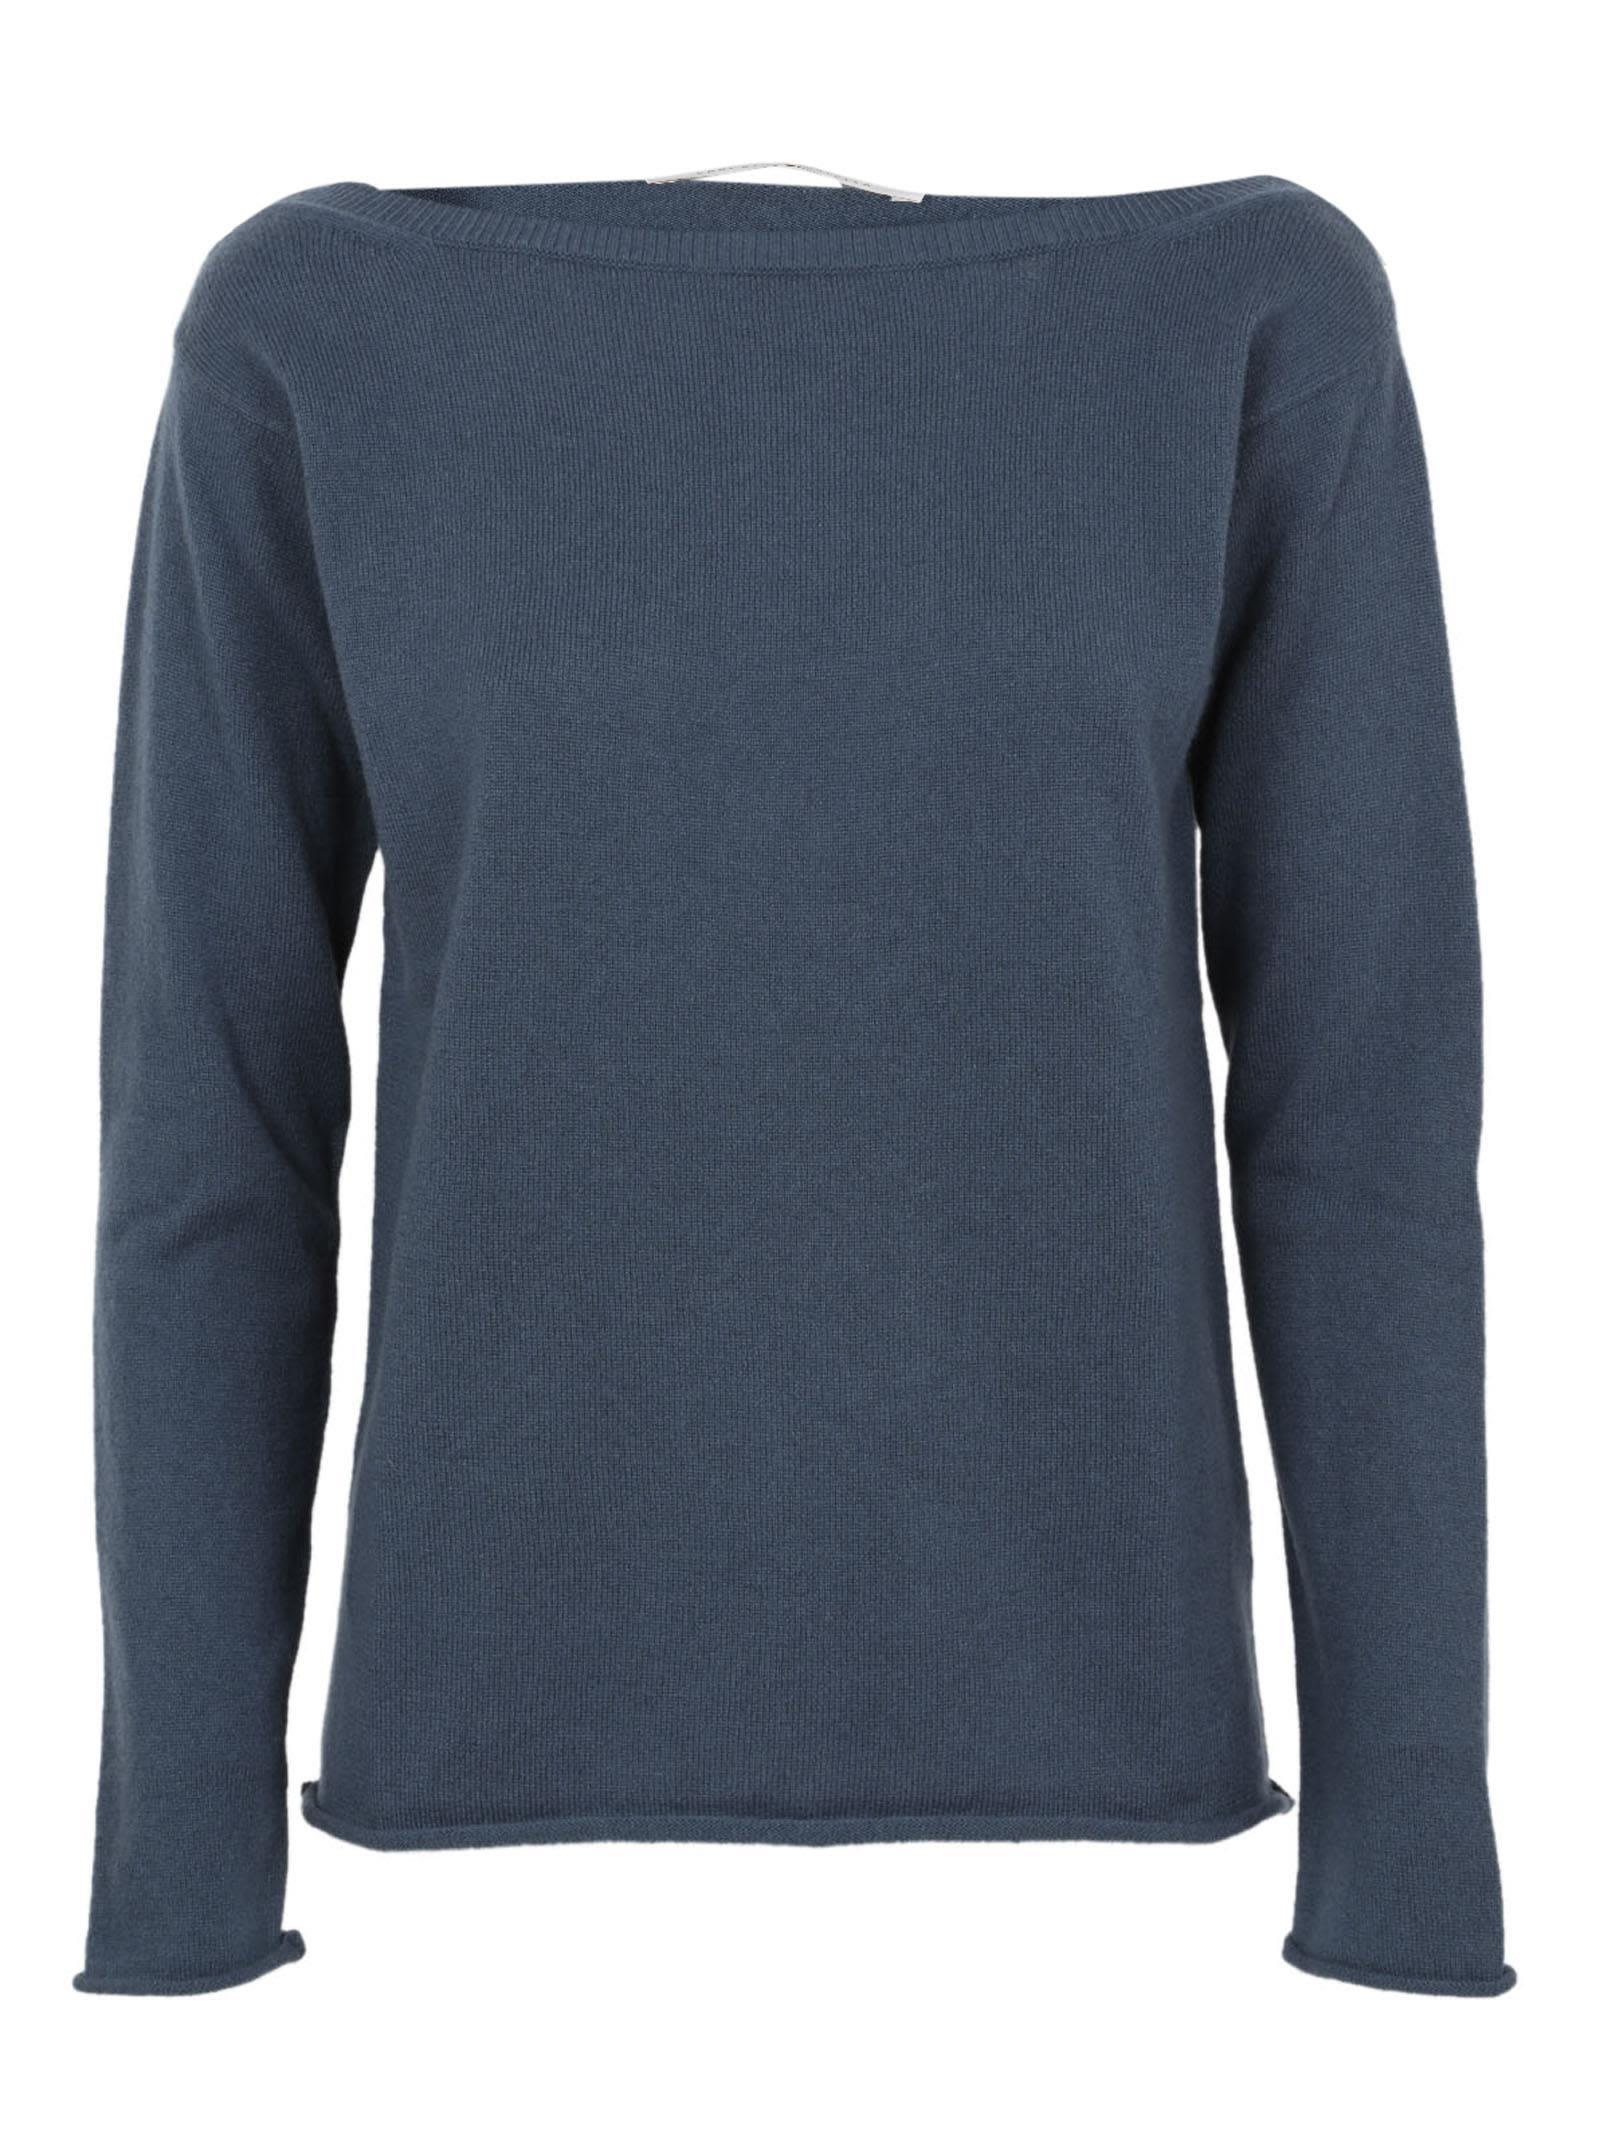 Saverio Palatella Boat Neck Sweater